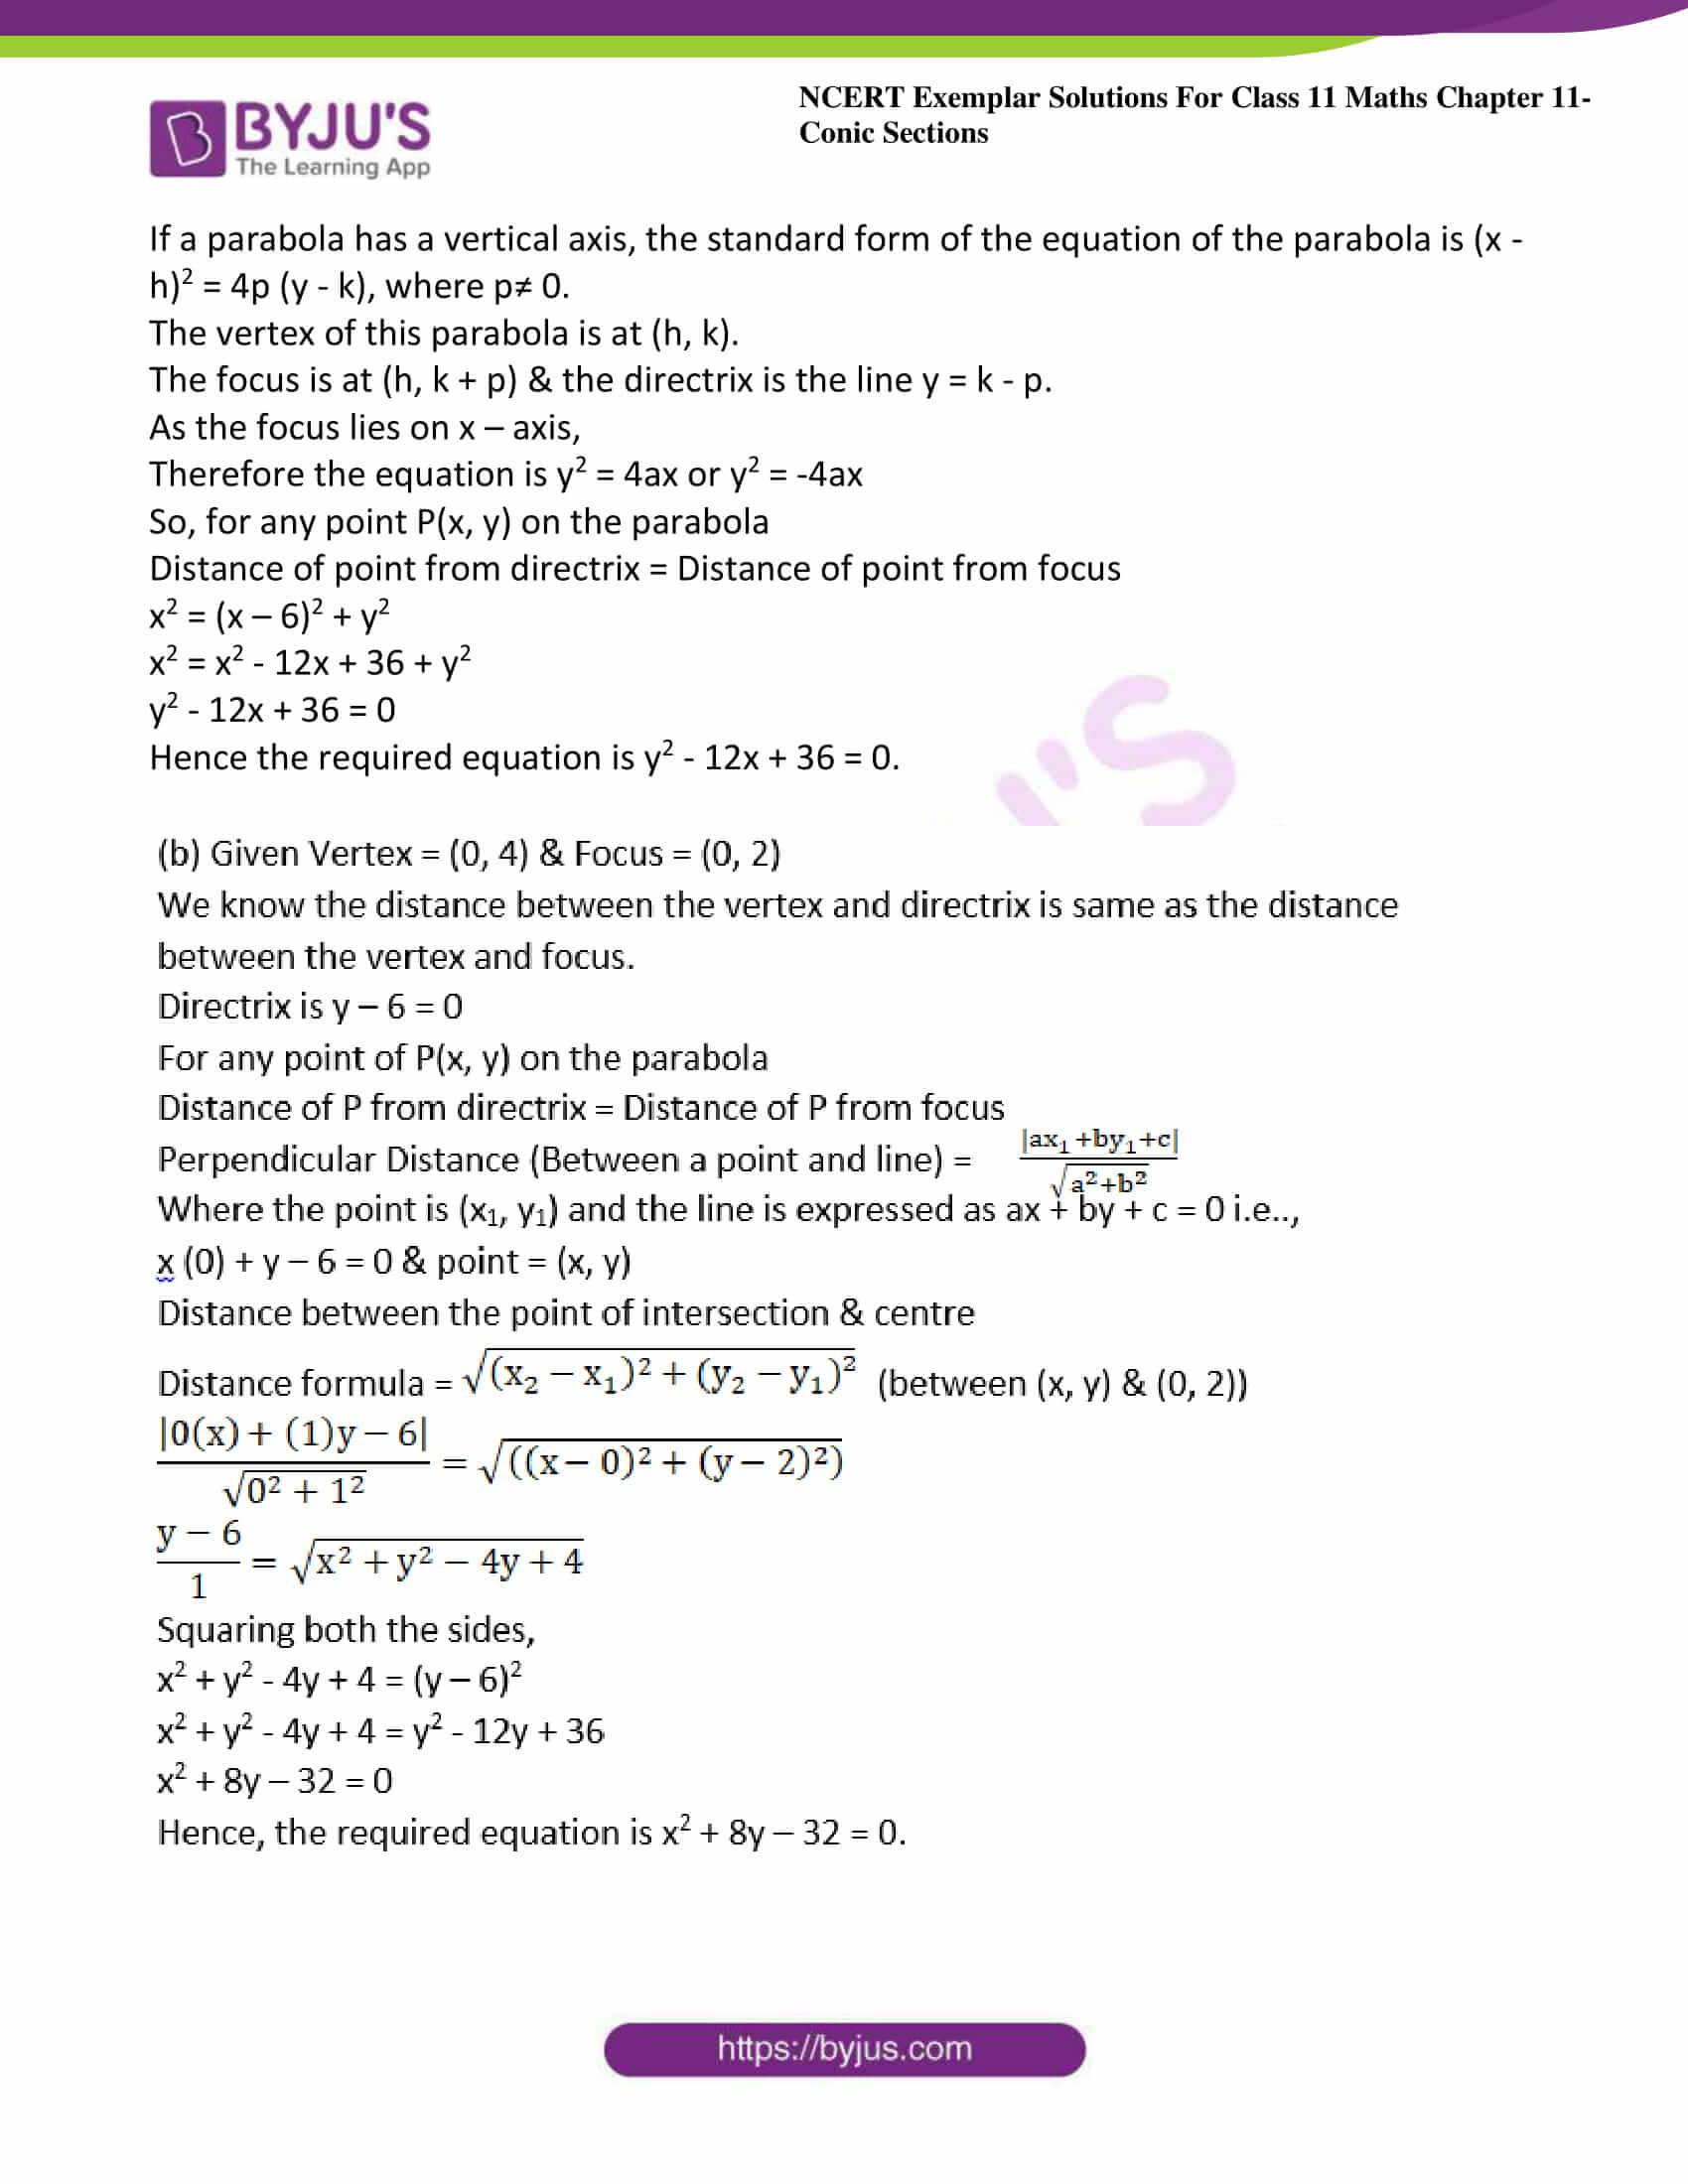 ncert exemplar sol class 11 maths chpt 11 conic 24